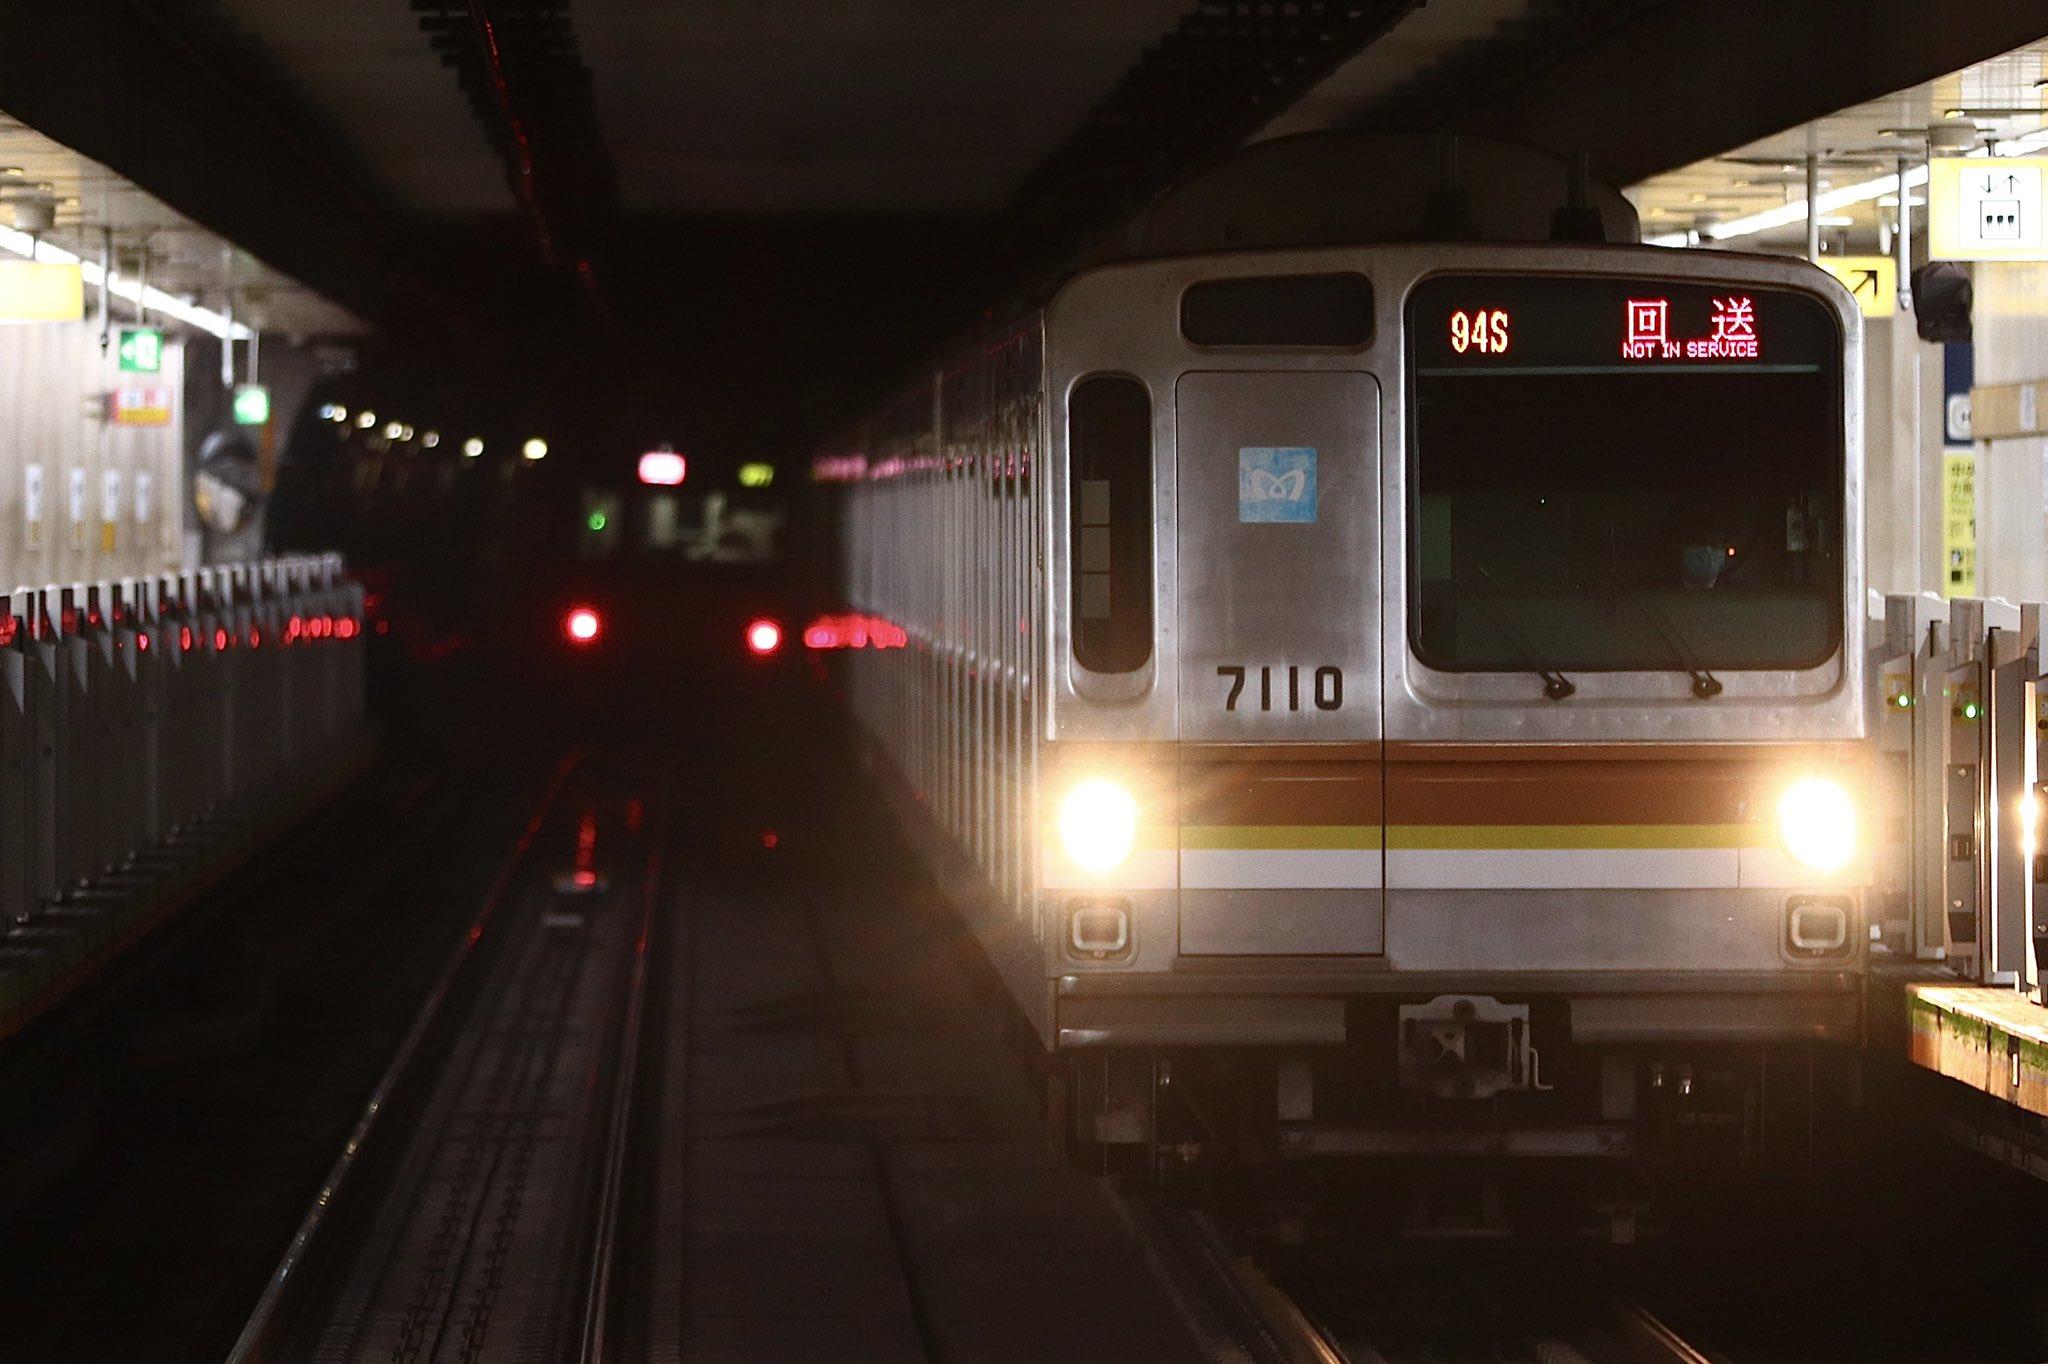 東京メトロ7000系の廃車が「再開」 7110F運用離脱